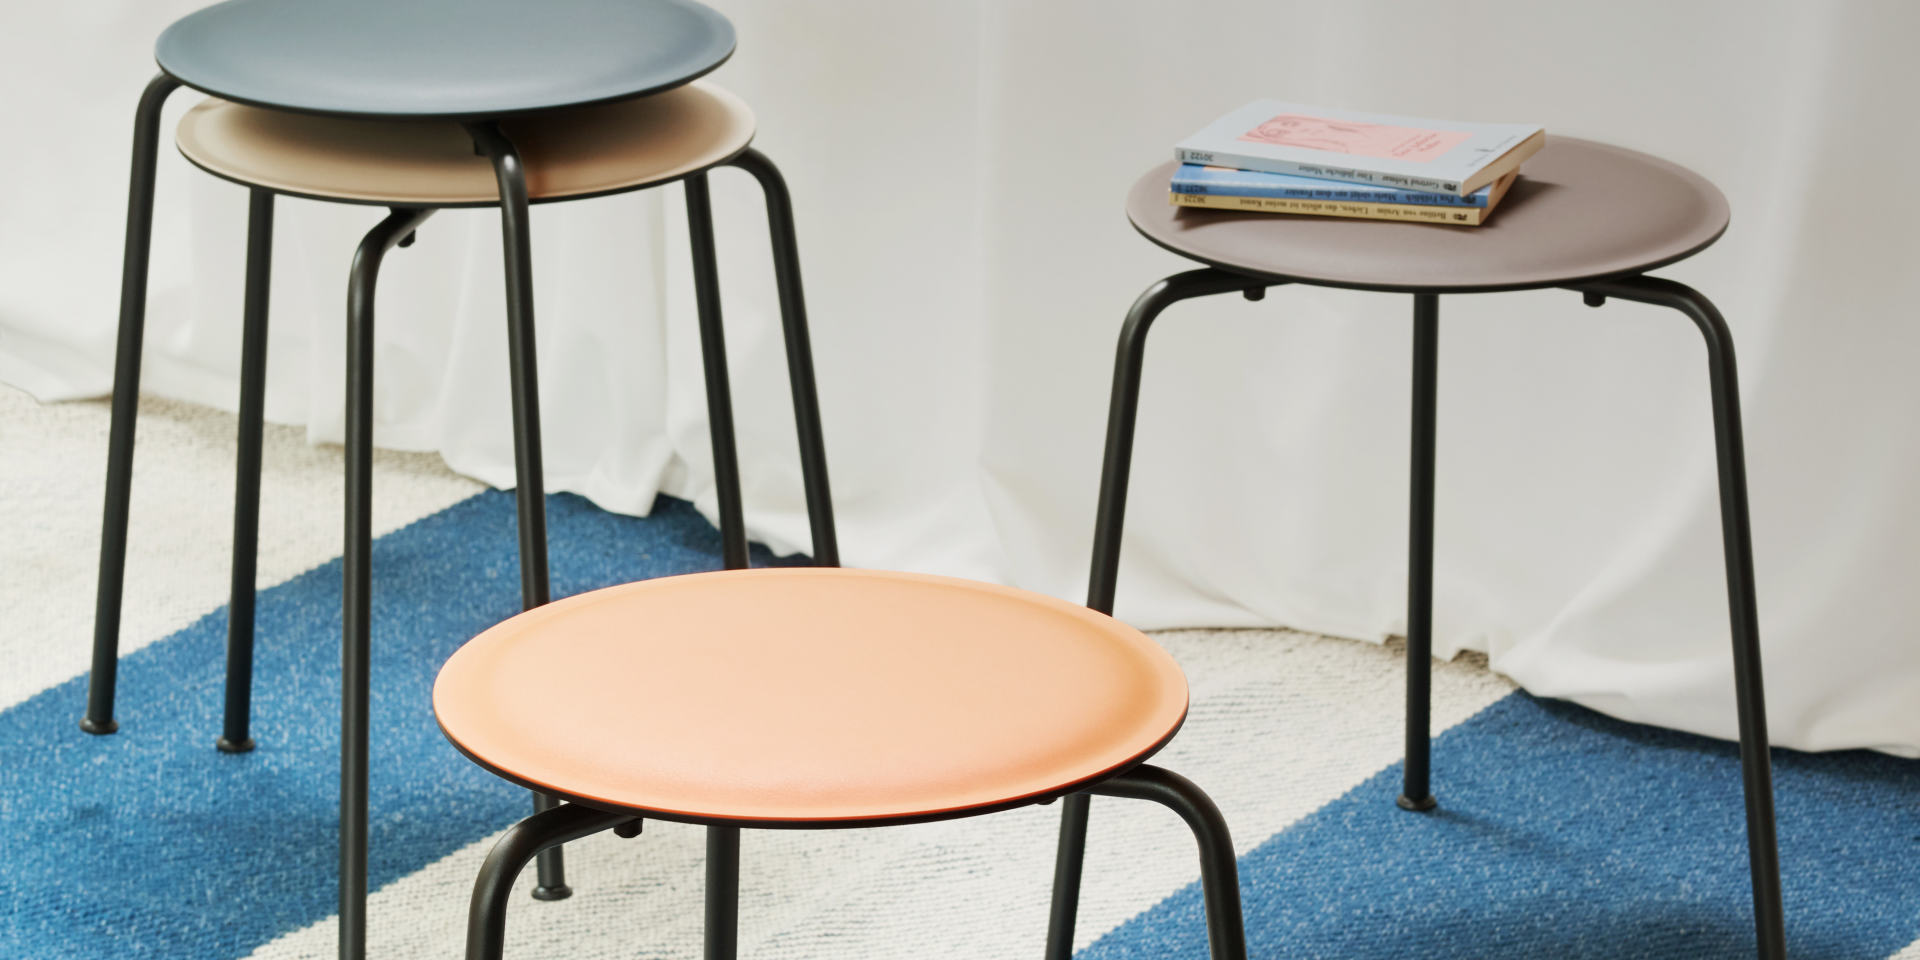 Startseite, Tischplatten, Tische, Gestelle, Regalsystem, Sitzsysteme, Büro & Zuhause, Zubehör